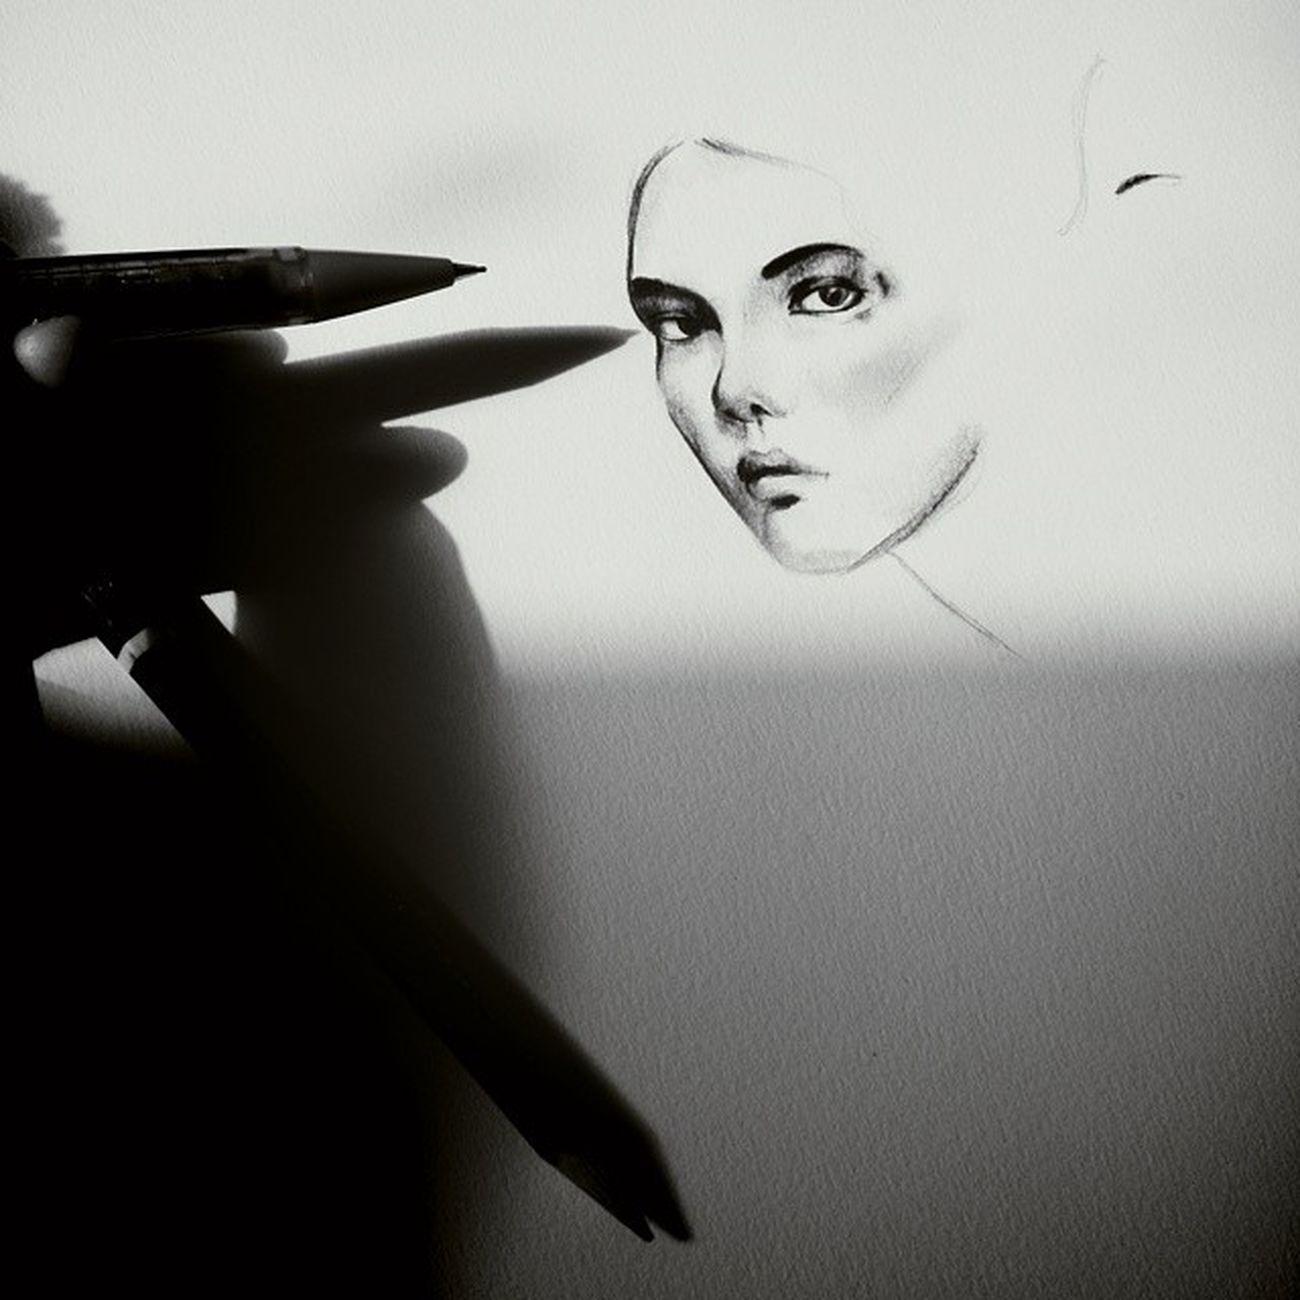 Illustration Yunitaeksa